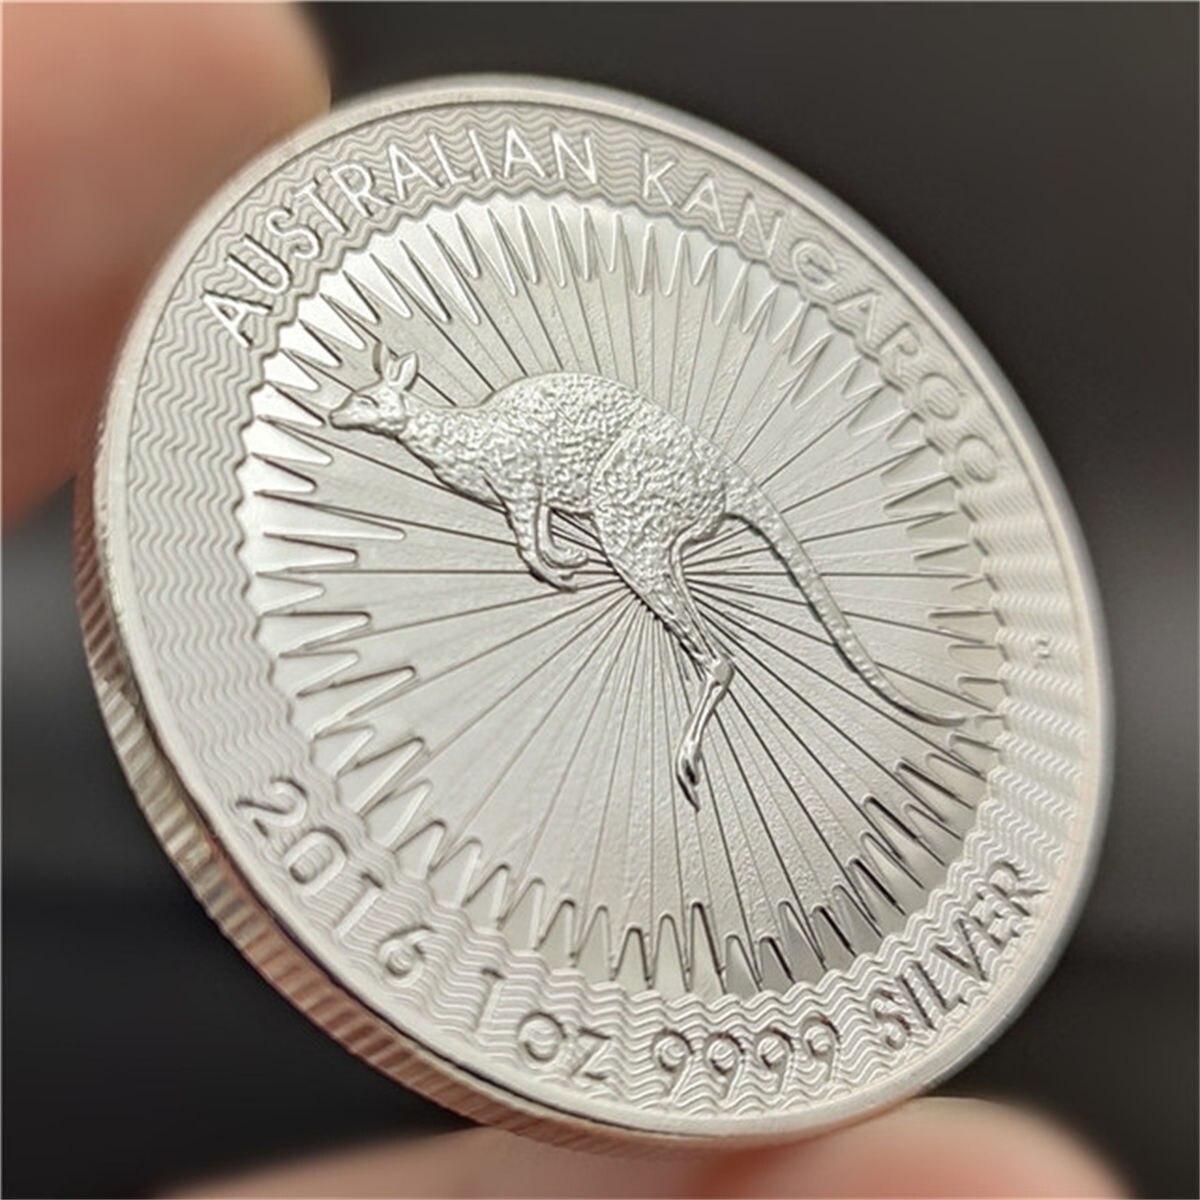 Монета в виде животного, кенгуру на удачу, подарок, памятная монета, памятная монета, серебряная монета, поделки, коллекционные предметы